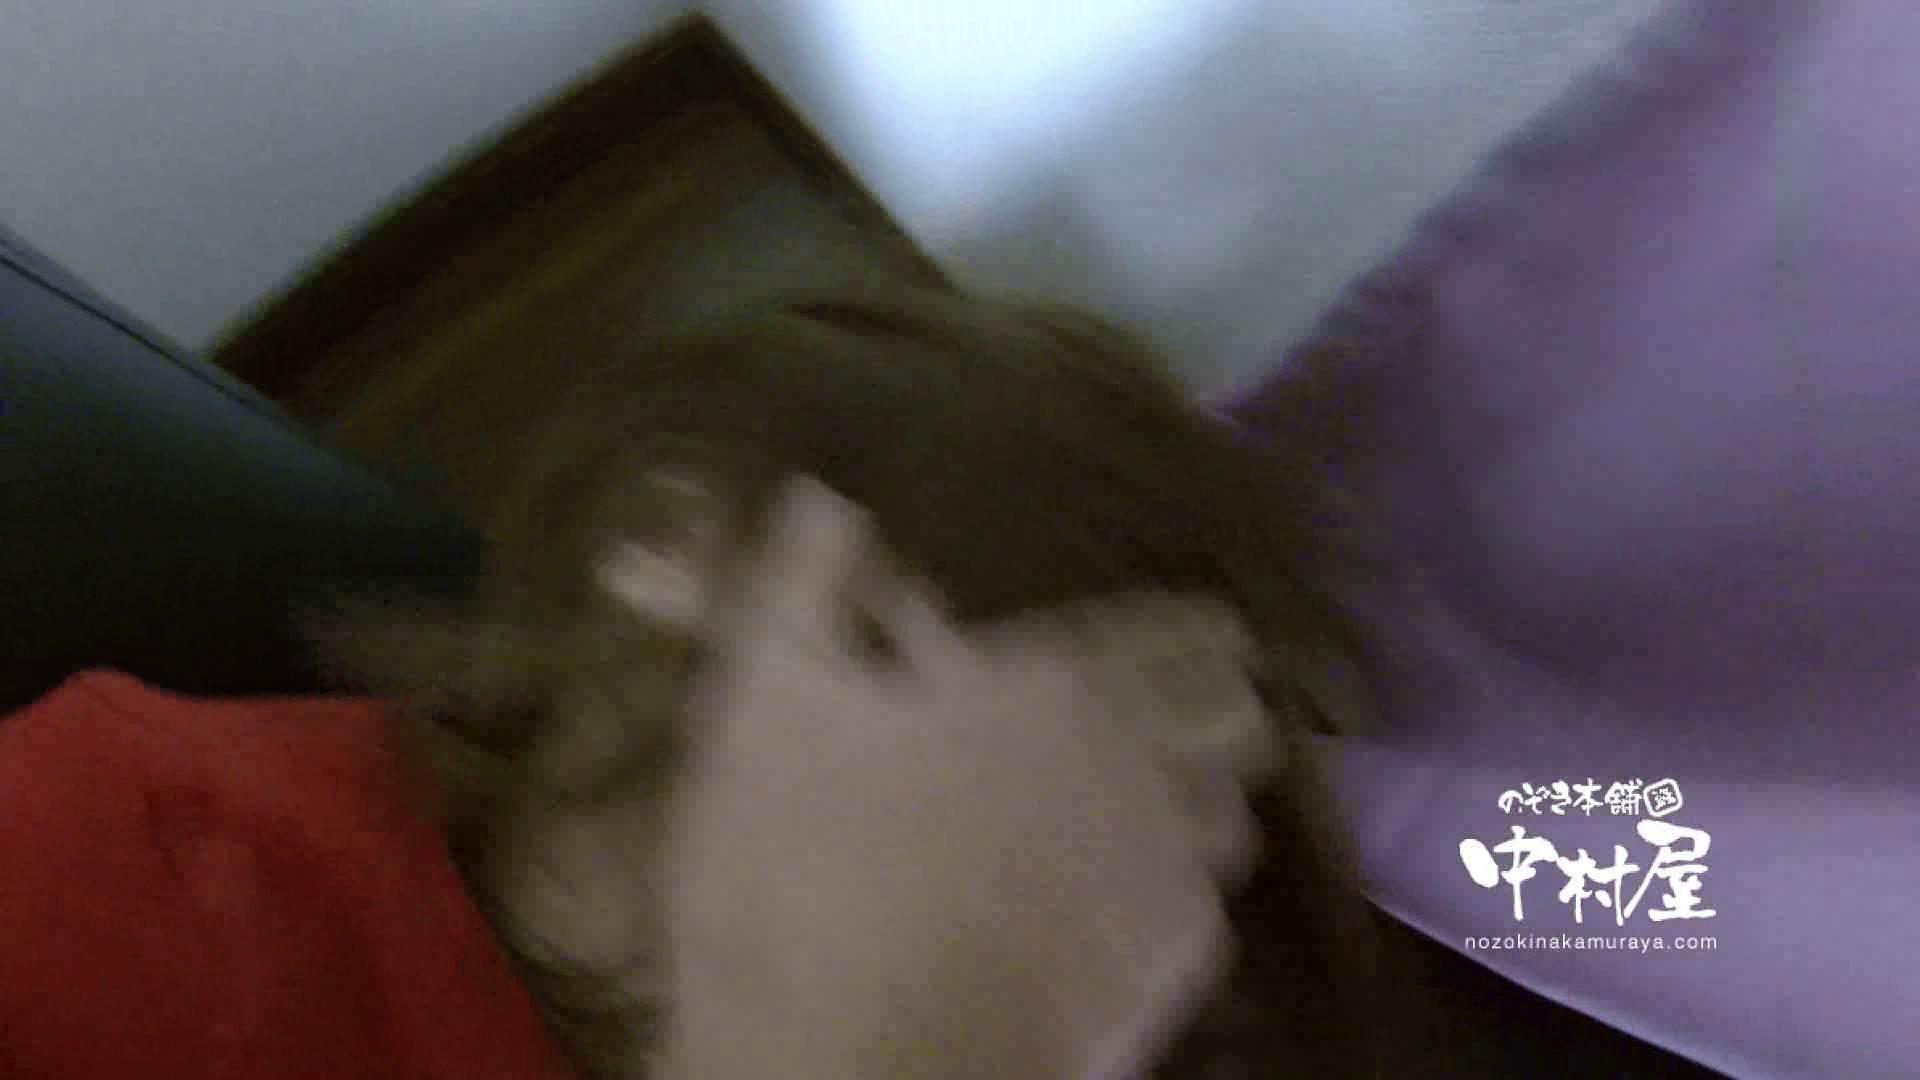 鬼畜 vol.13 もうなすがママ→結果クリームパイ 前編 鬼畜 濡れ場動画紹介 81画像 35